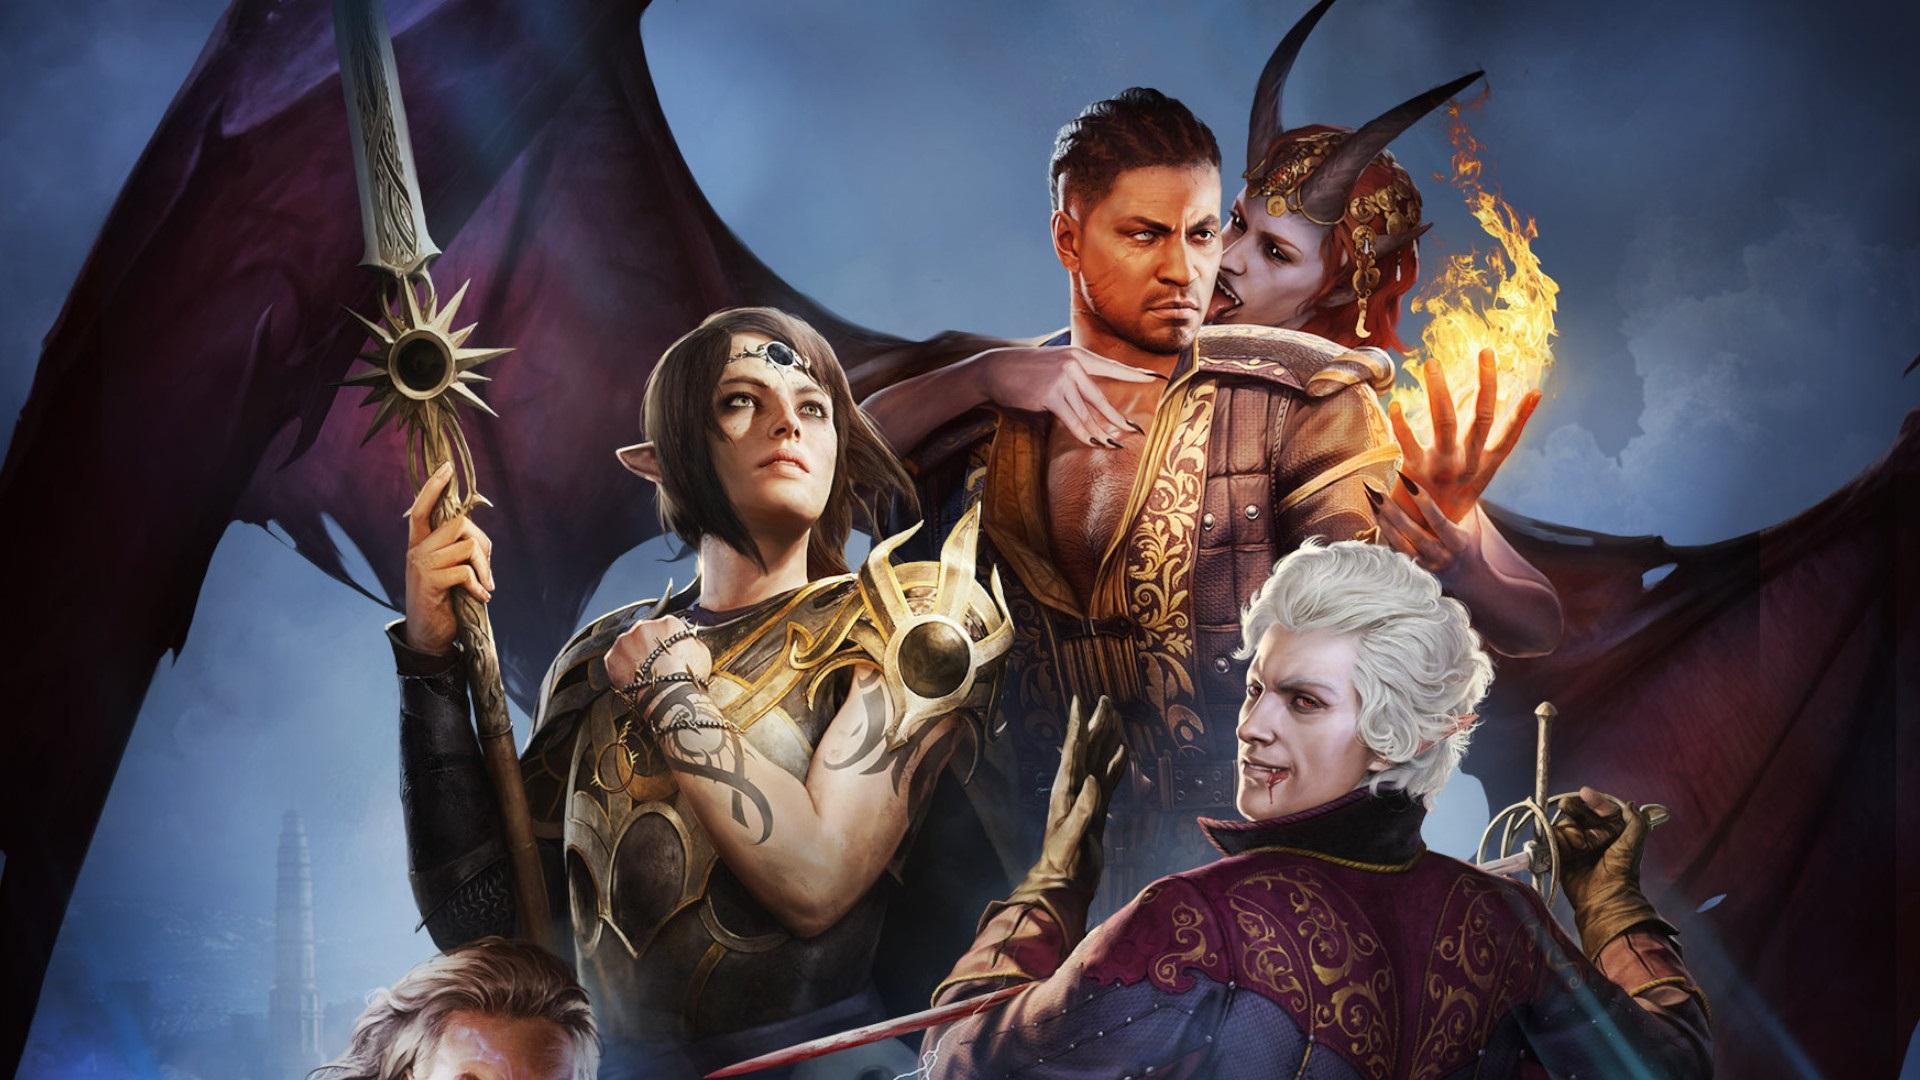 Мы поиграли в Baldur's Gate III в раннем доступе. Все плюсы, минусы и проблемы 6